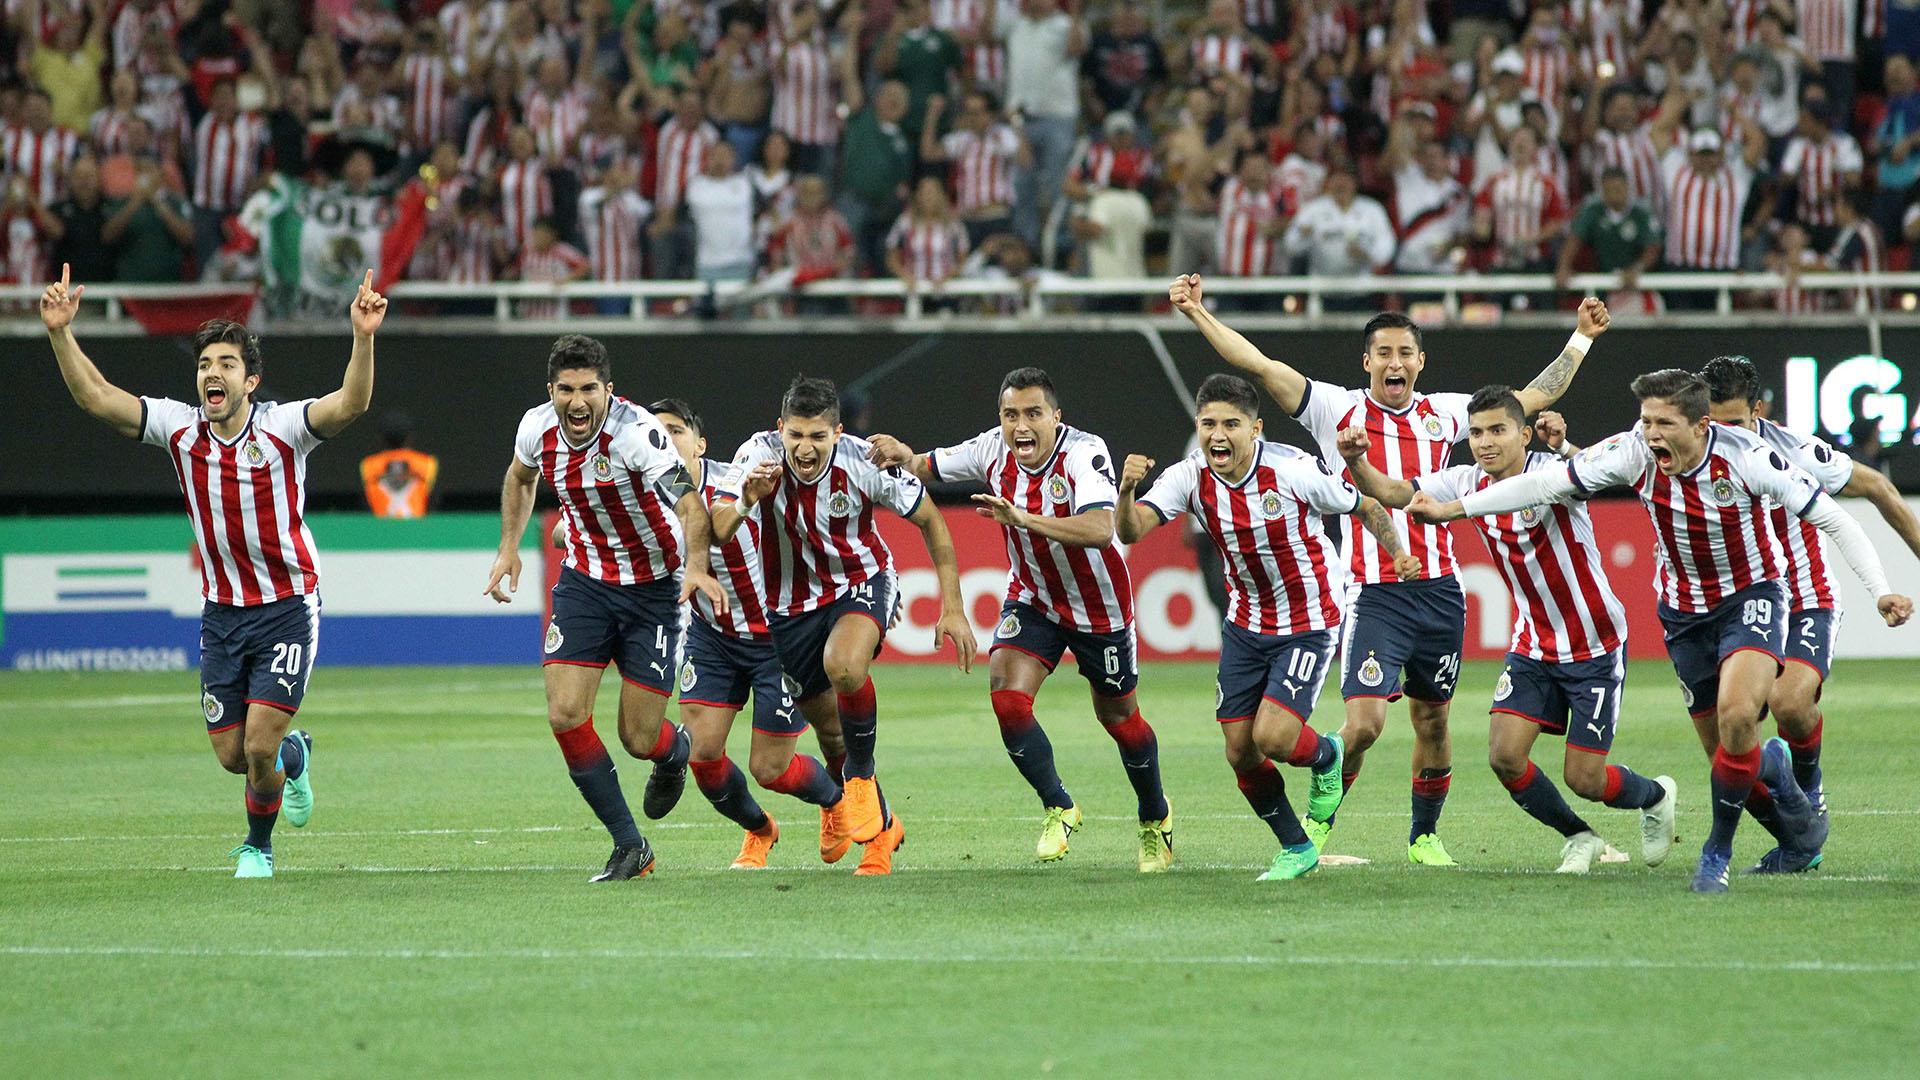 Guadalajara ganó 4-2 en los penales y volvió a ser campeón tras 56 años (Foto: AFP)